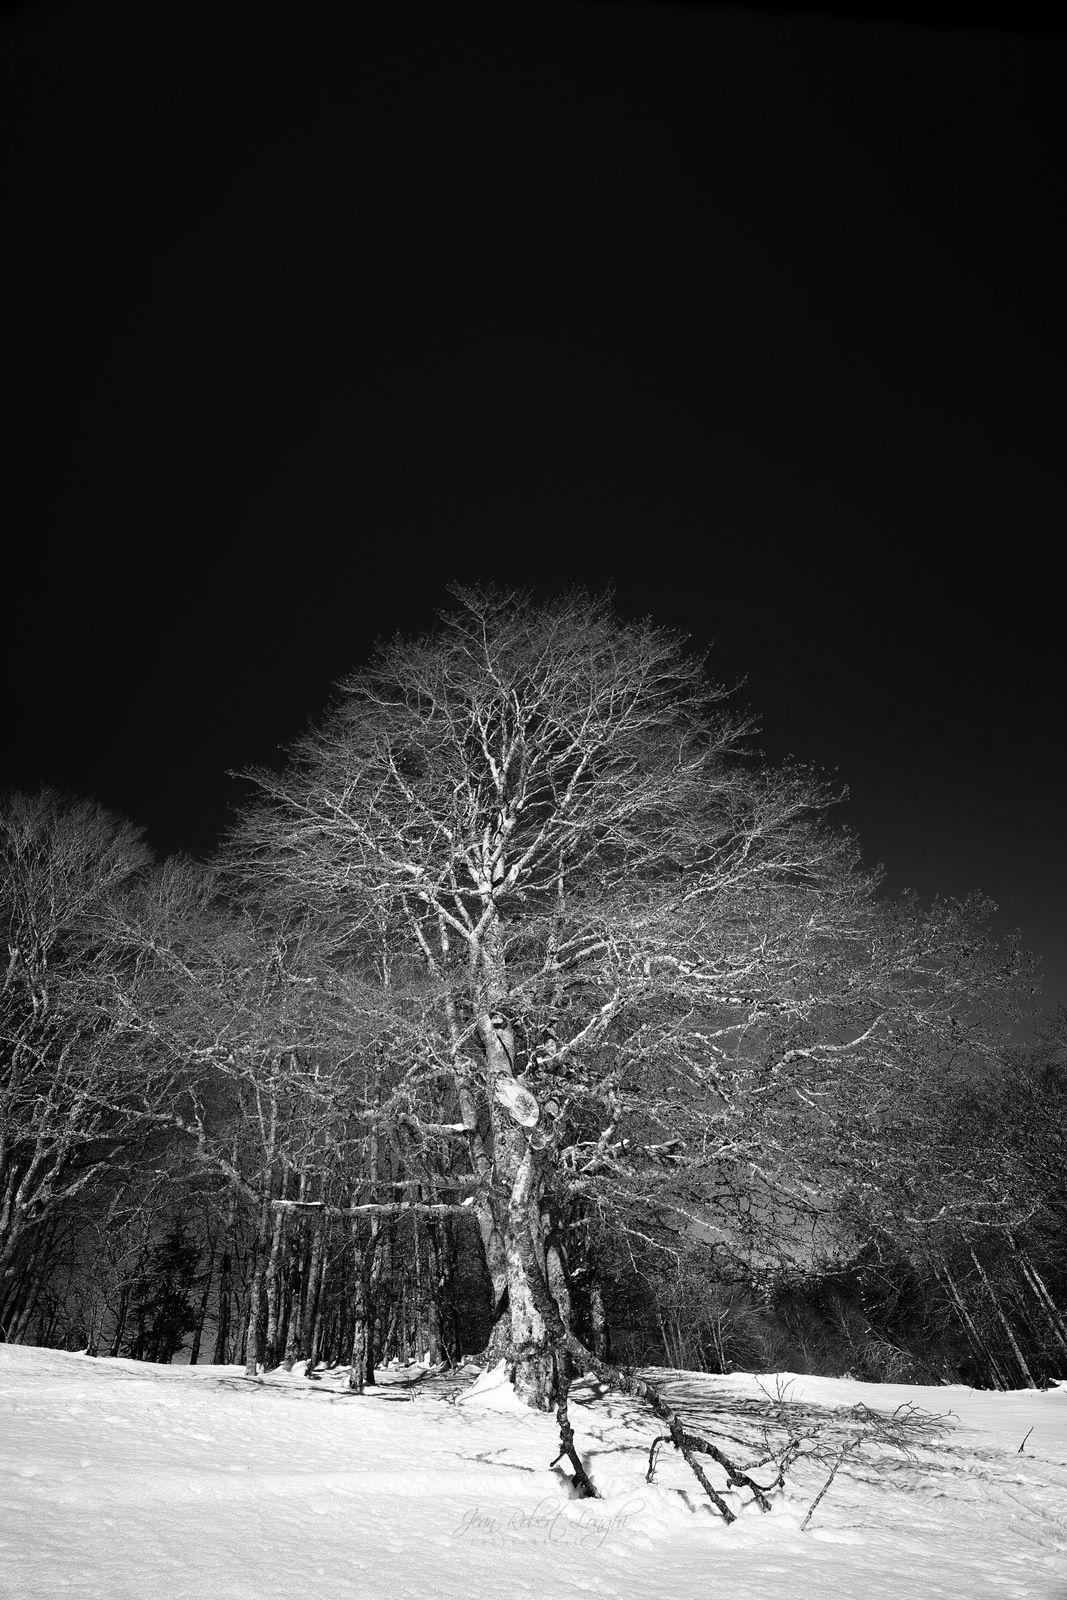 Le Larmont - Hiver - 46 - ©2021 Jean-Robert Longhi Photographie non libre de droits.